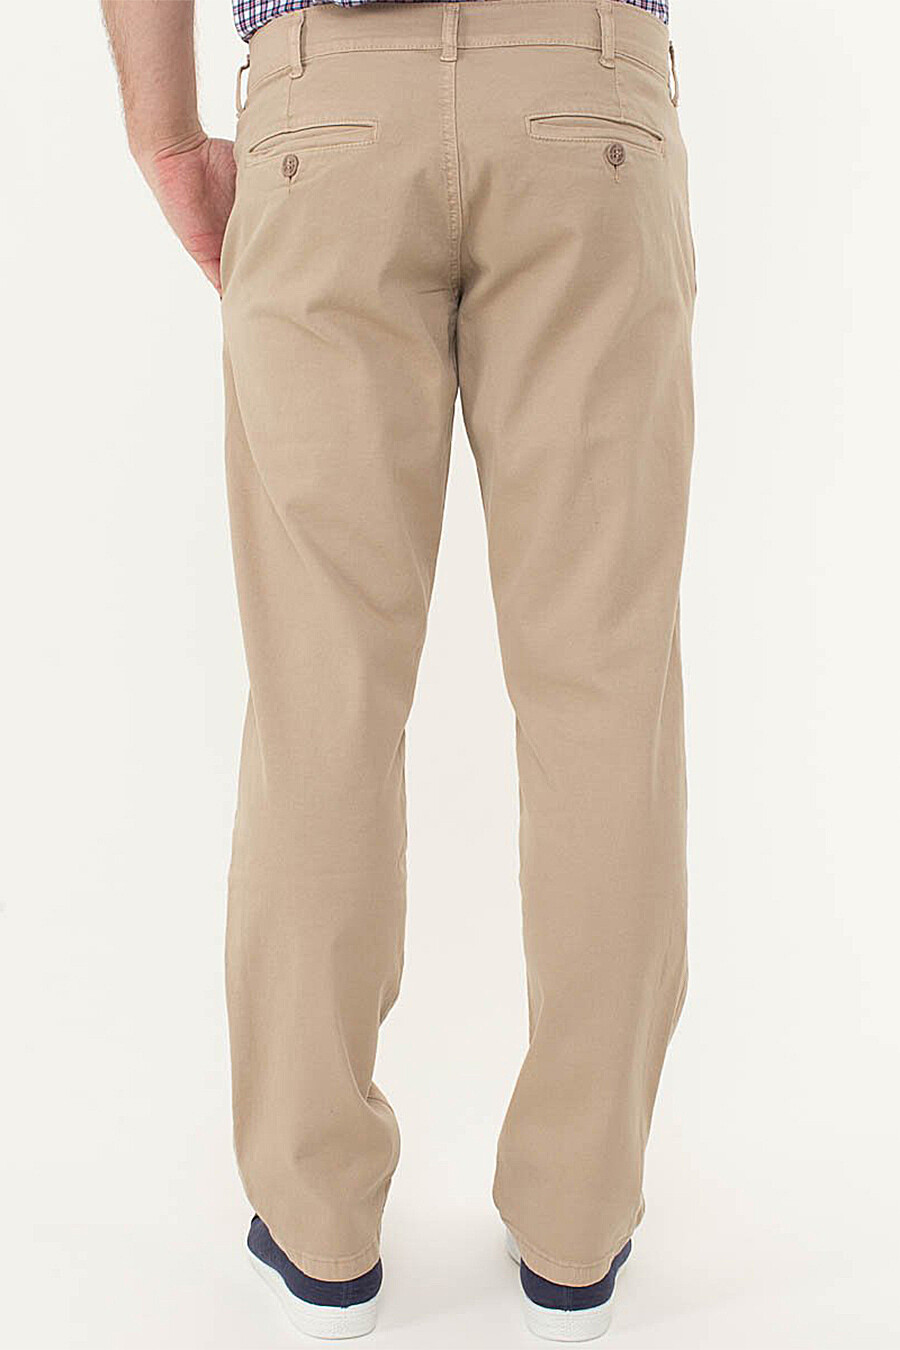 Брюки для мужчин F5 116478 купить оптом от производителя. Совместная покупка мужской одежды в OptMoyo